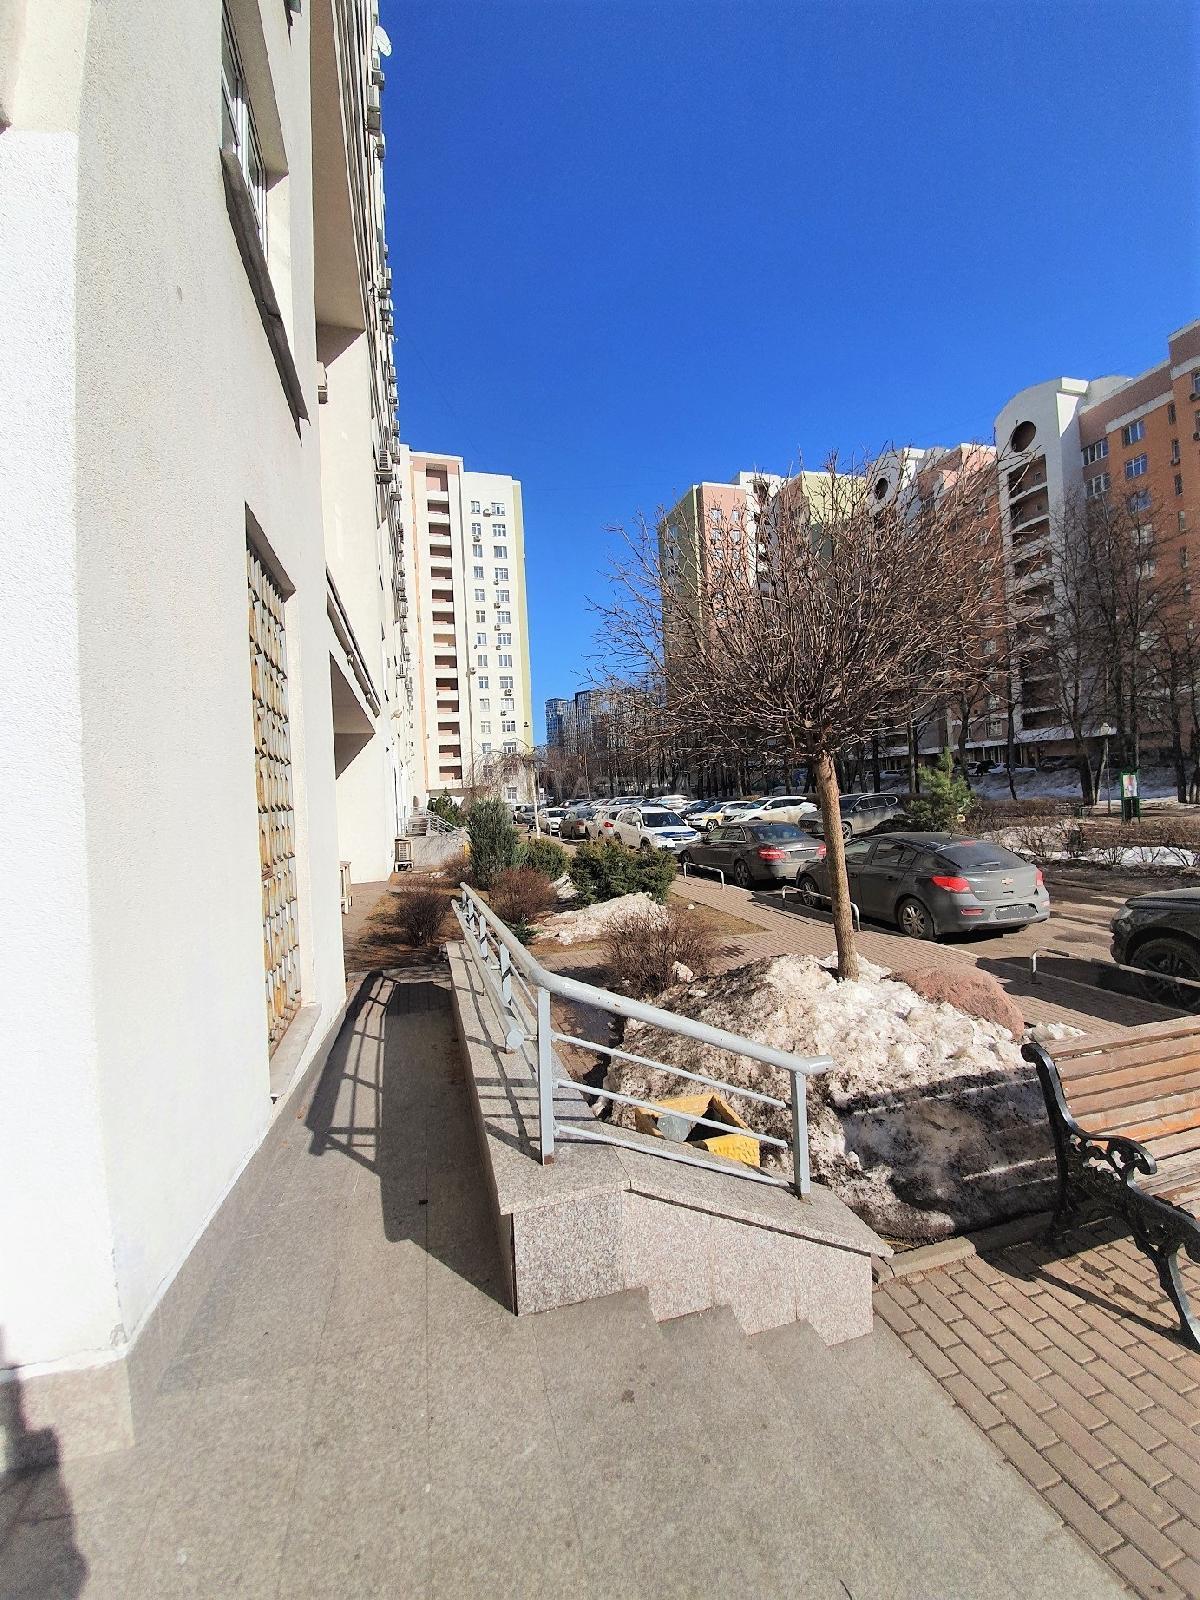 Фото №8 - 4-комнатная квартира, Москва, Авиаконструктора Микояна улица 14 корпус 2, метро ЦСКА